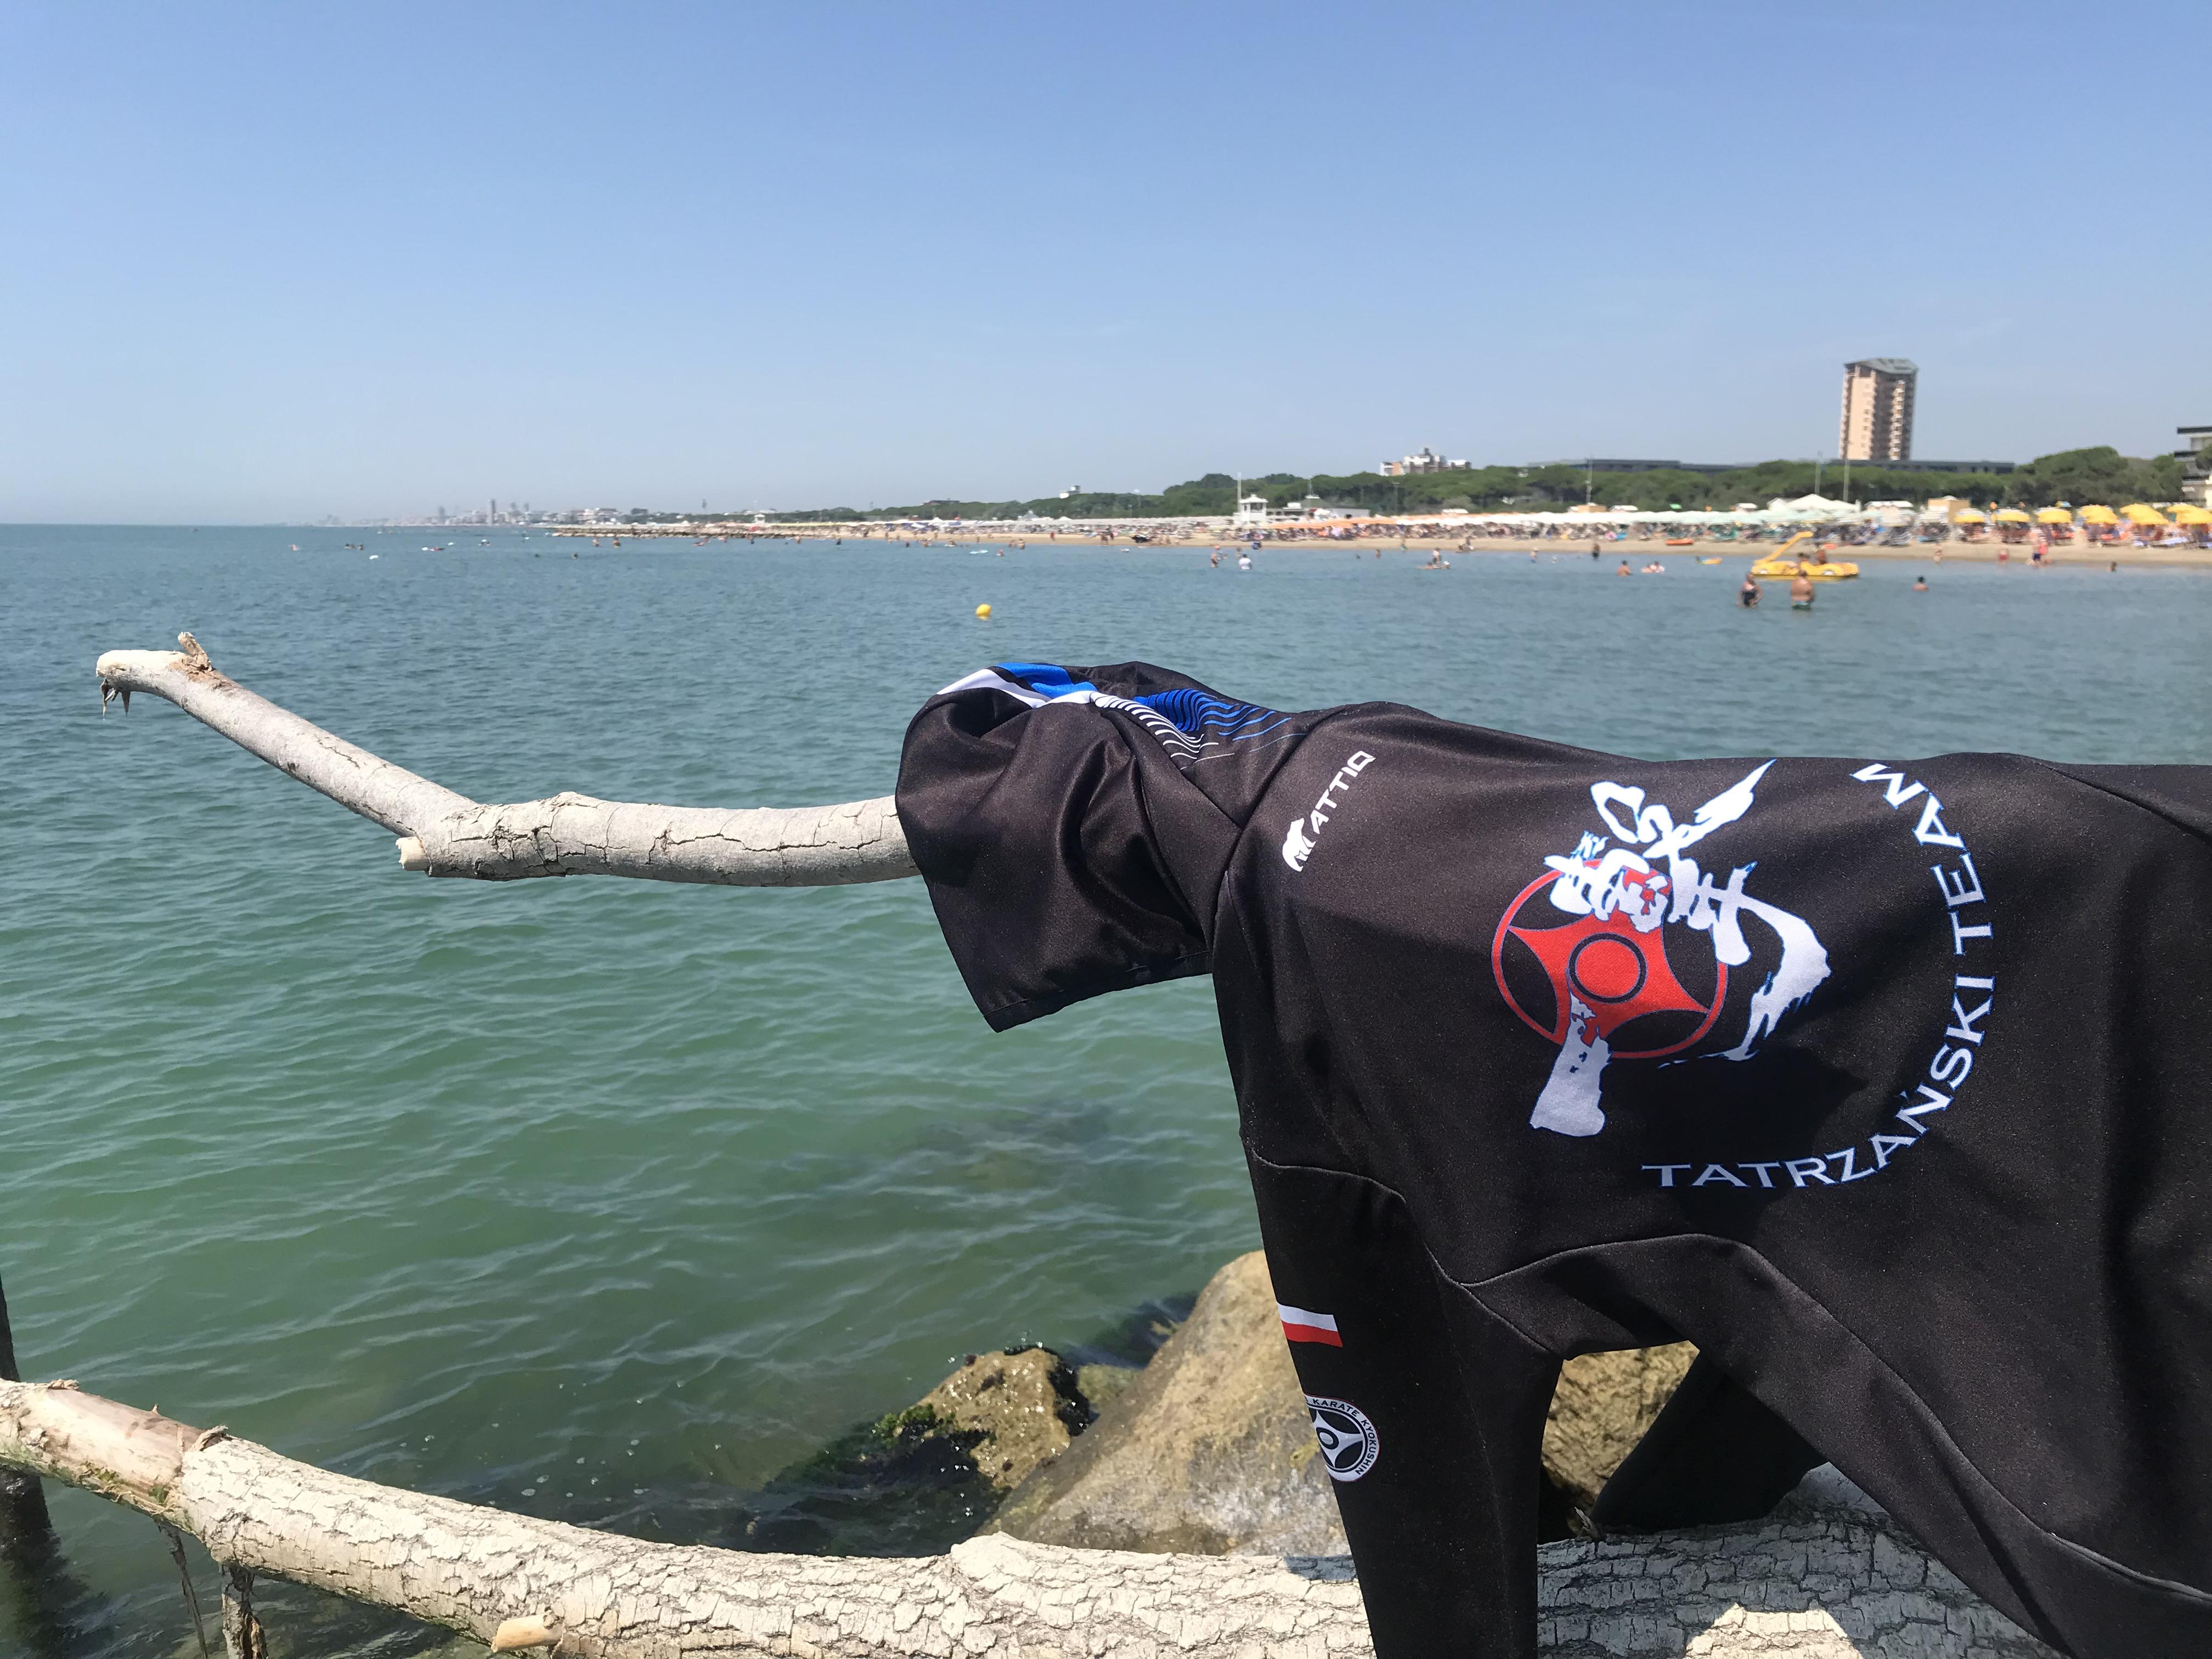 Konkurs lato 2019 z Tatrzański Team